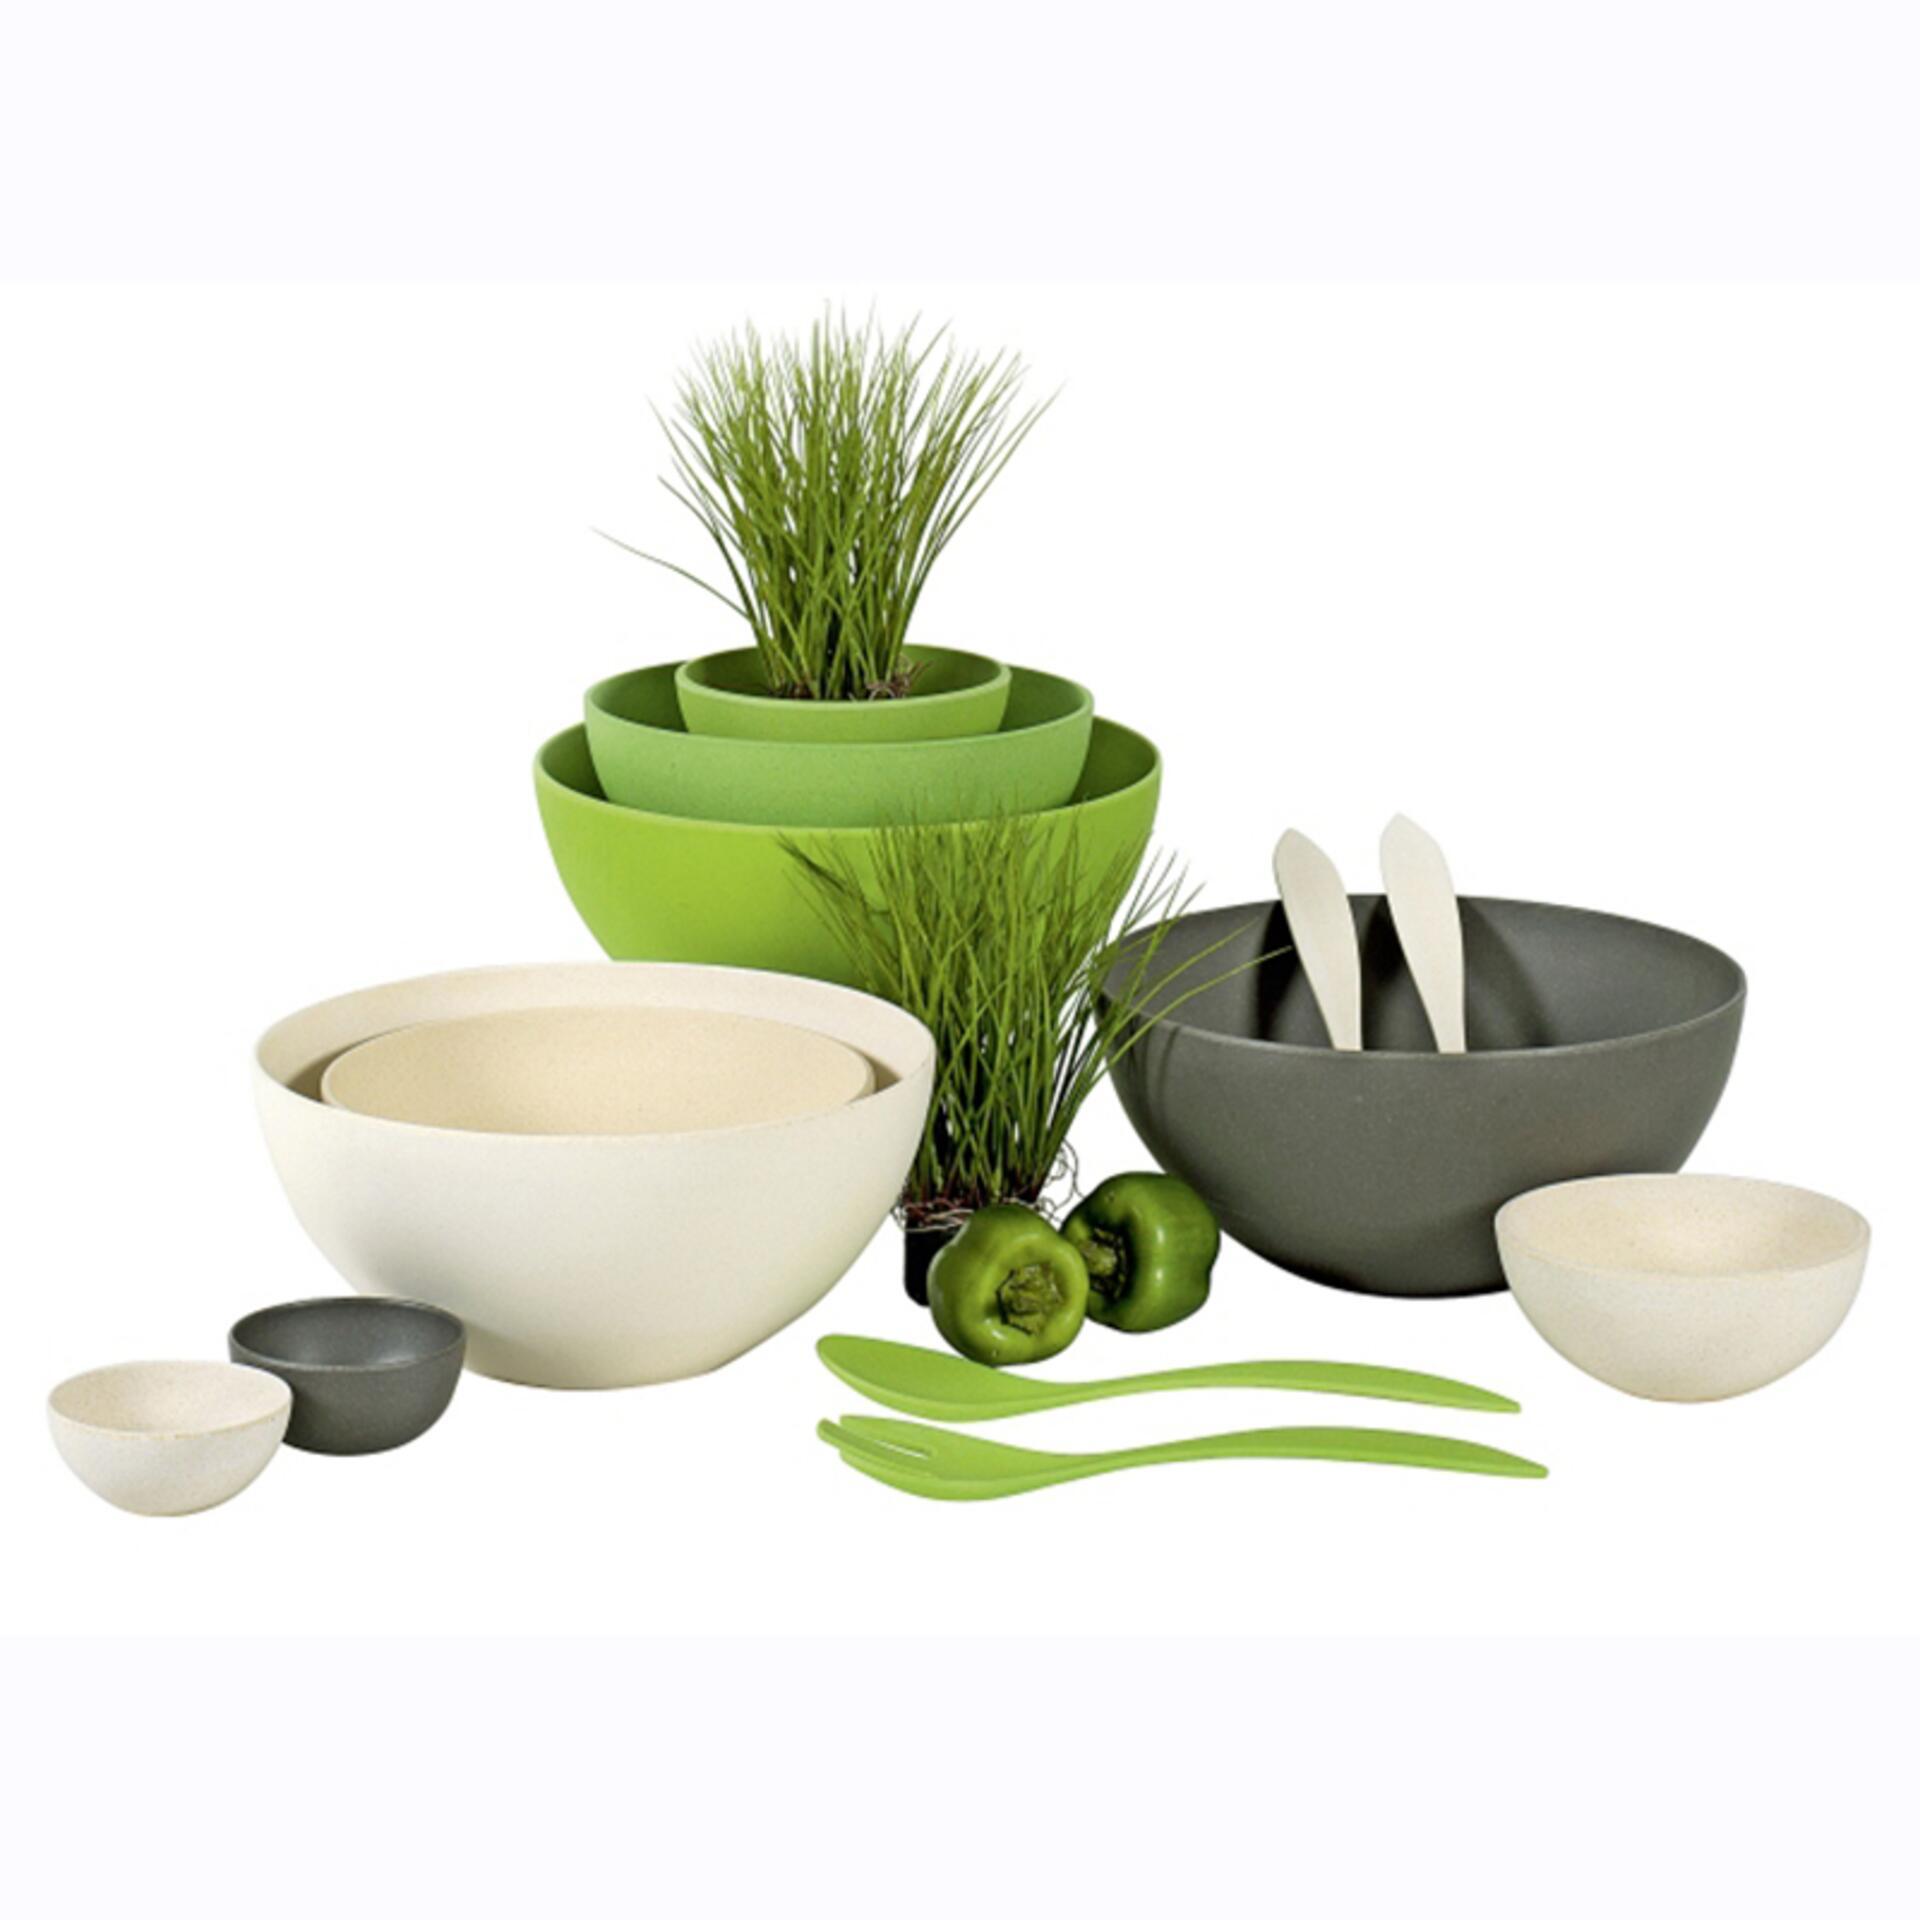 Magu Natur-Design Salatbesteck 26 cm Grün